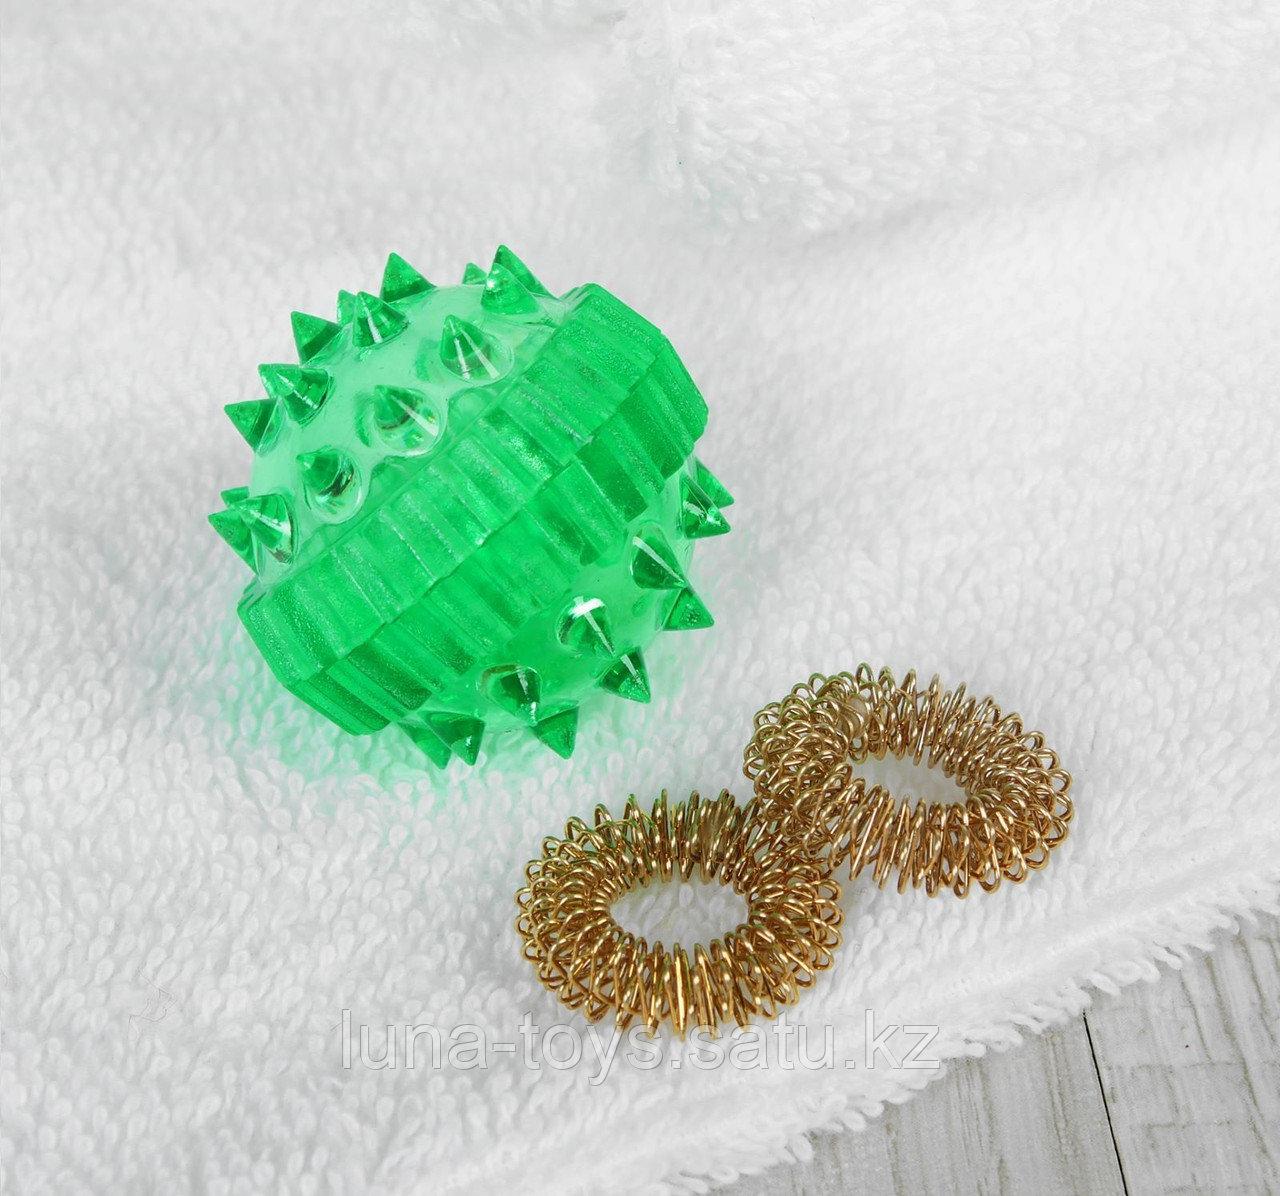 """Массажер """"Массажный шарик"""" для интересного воздействия в комплекте с двумя кольцевыми пружинами, цве"""